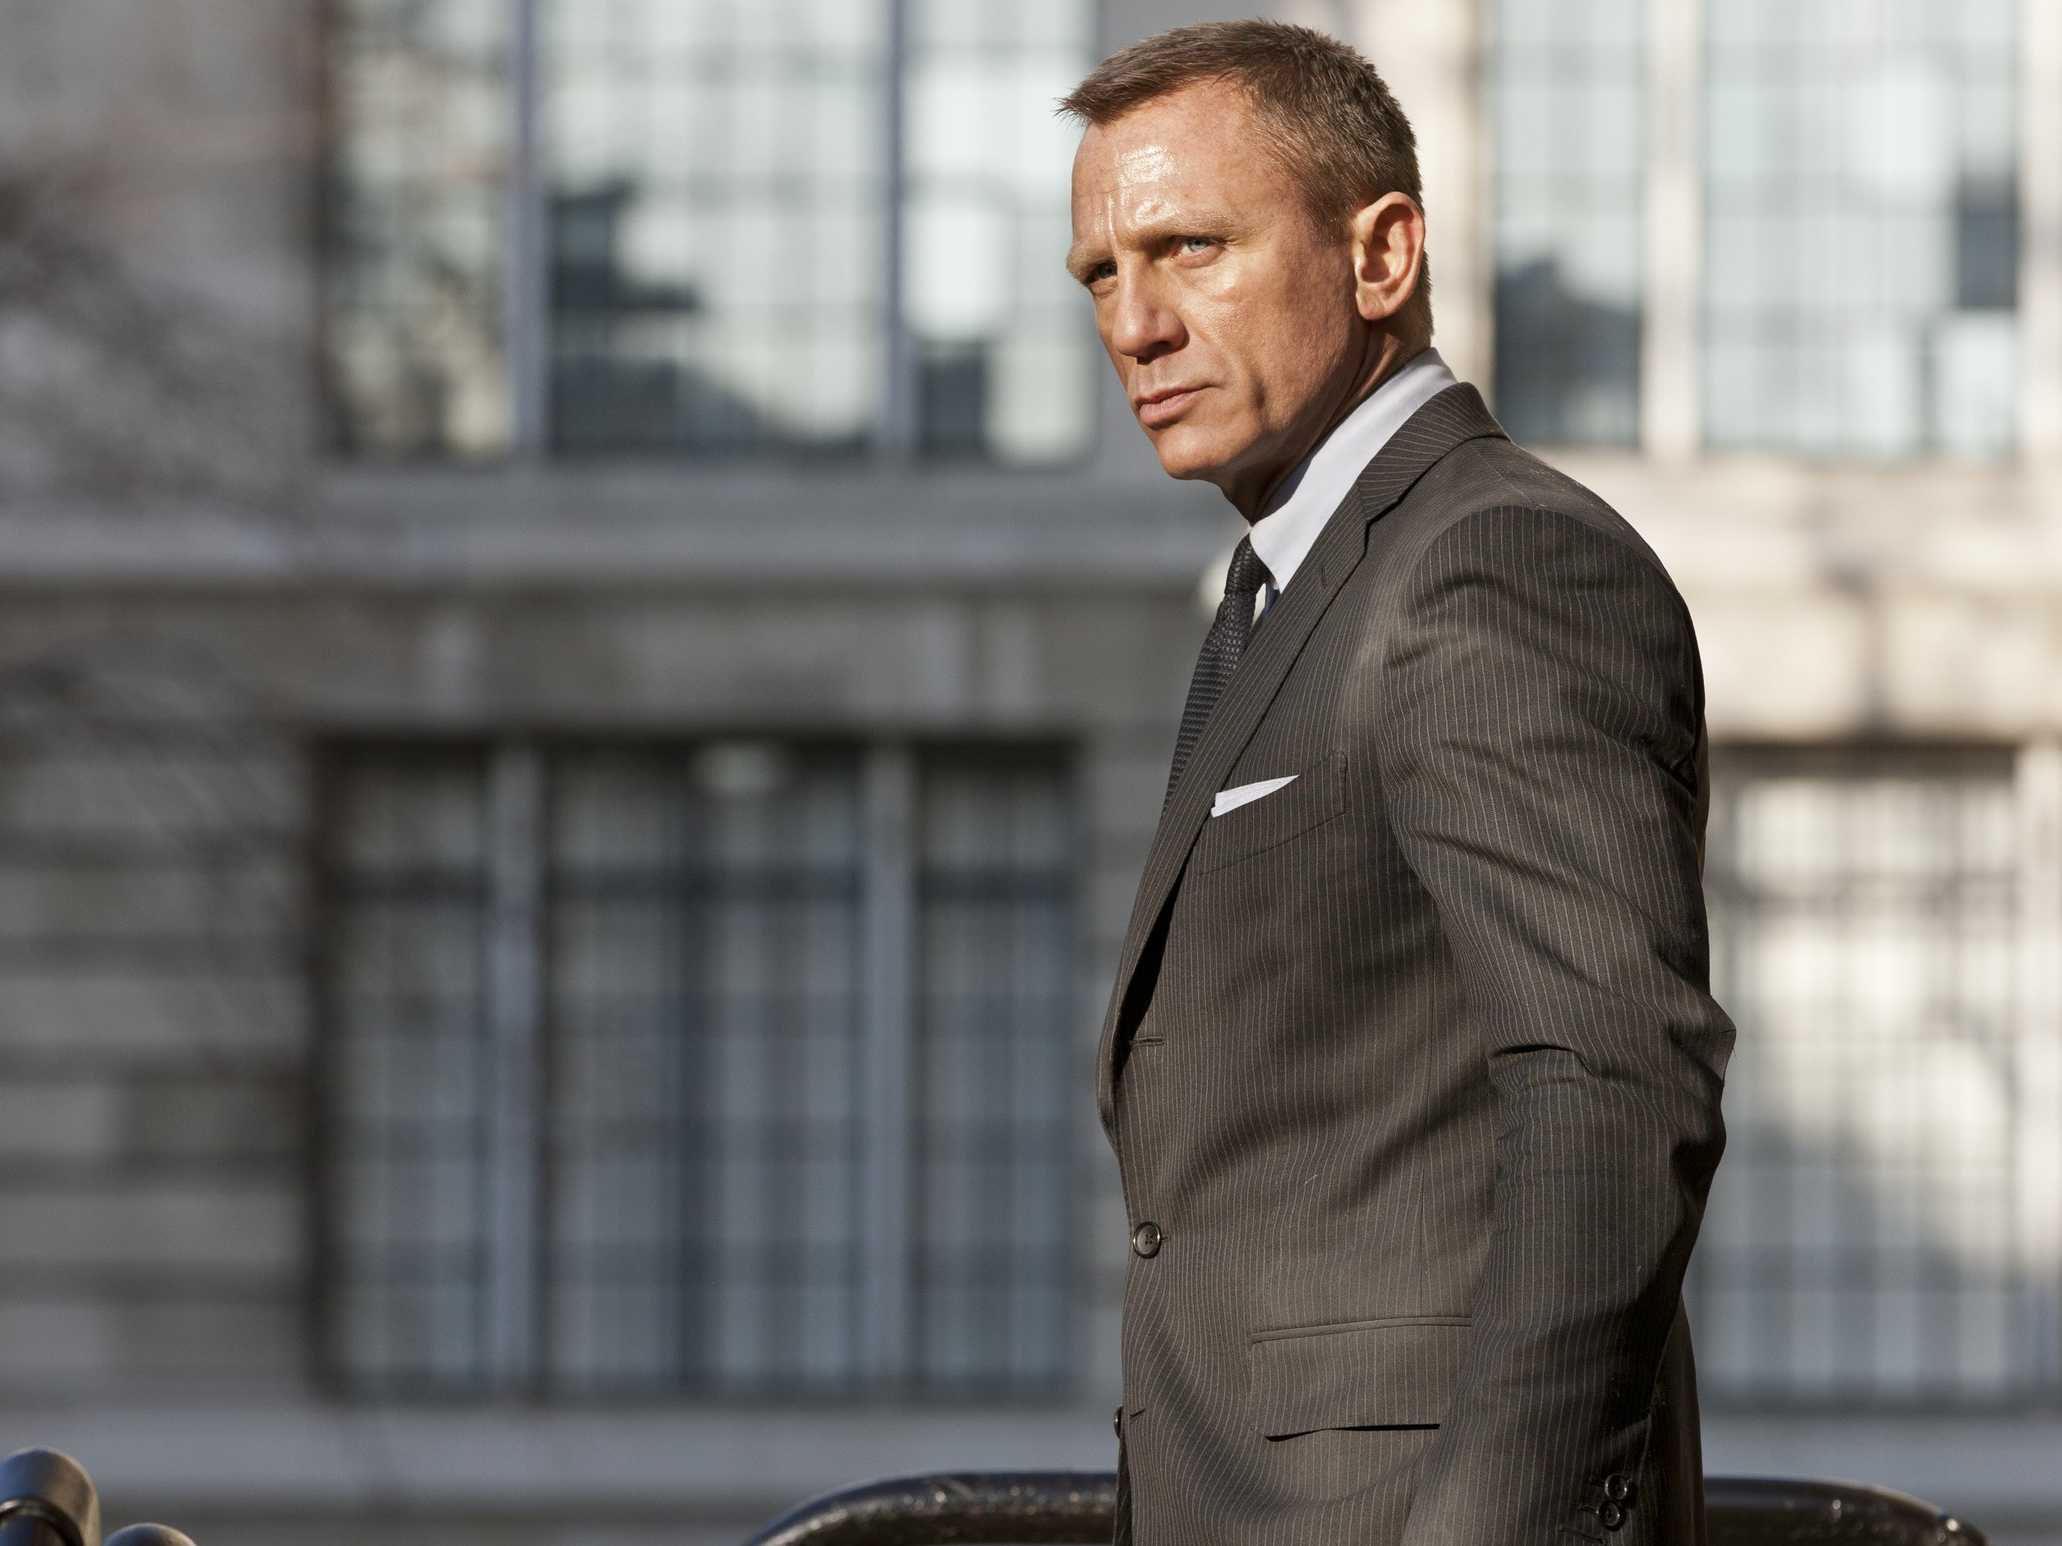 007 skyfall fonds d - photo #17